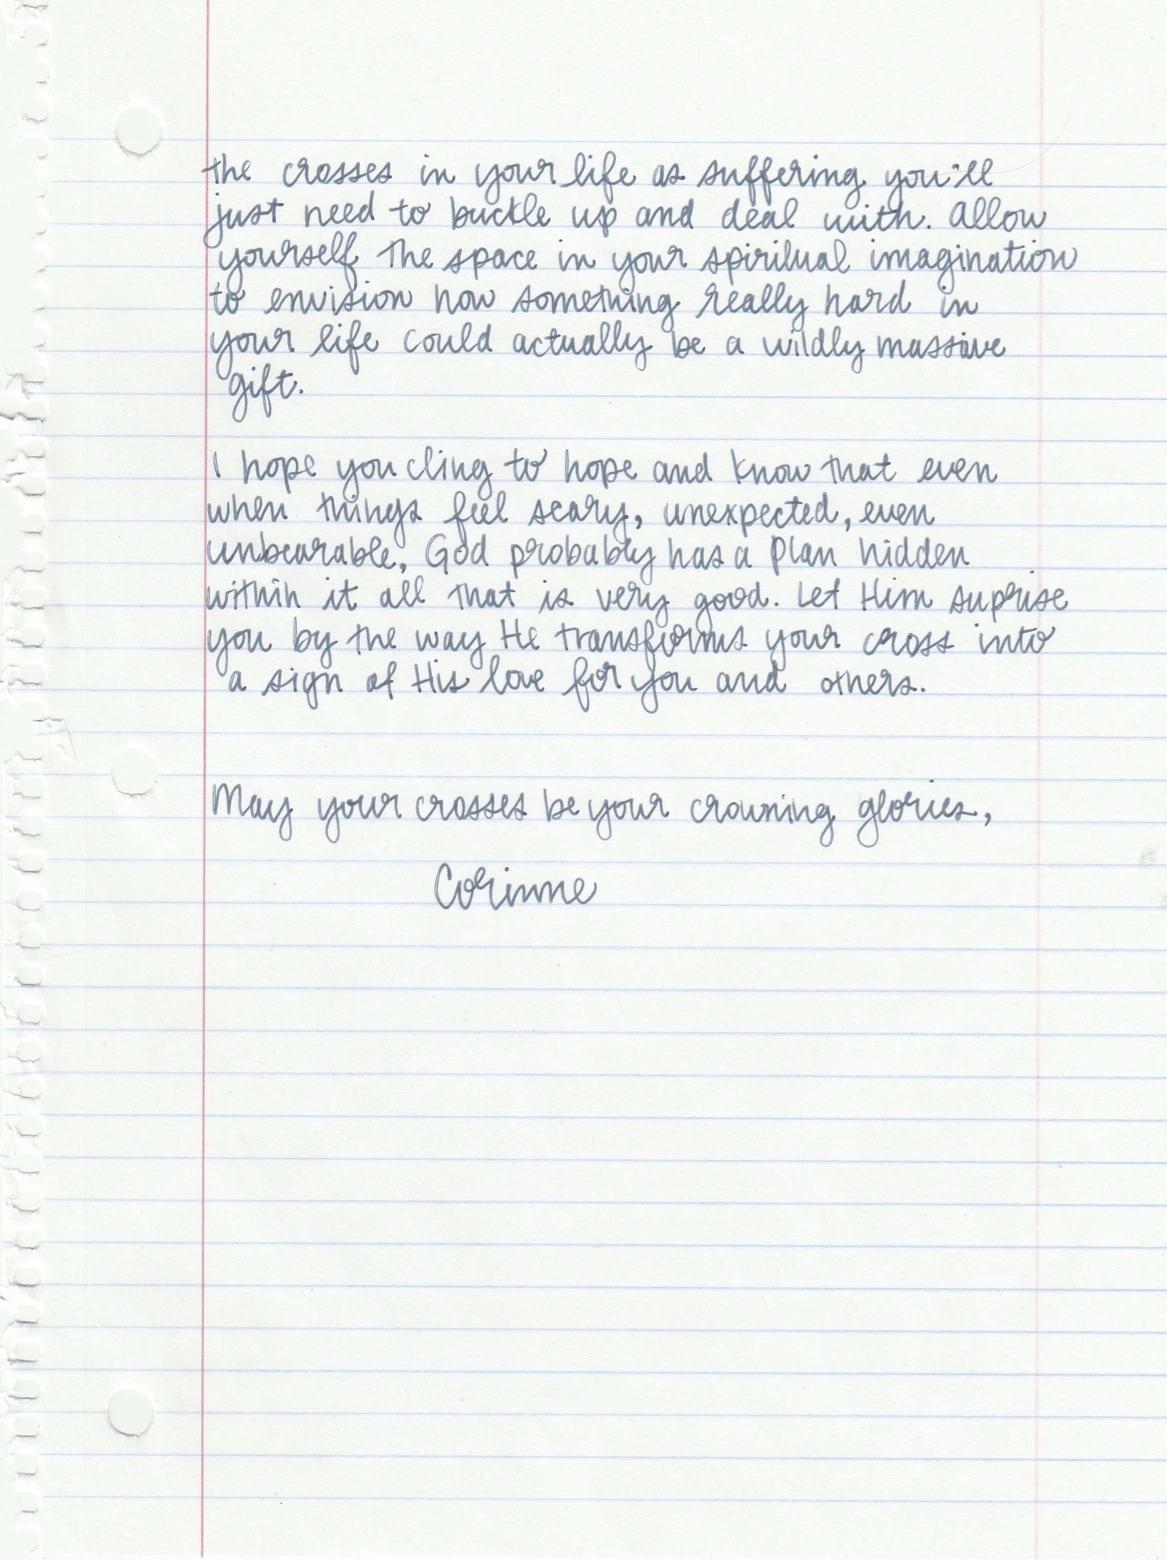 Written Letter6.jpg